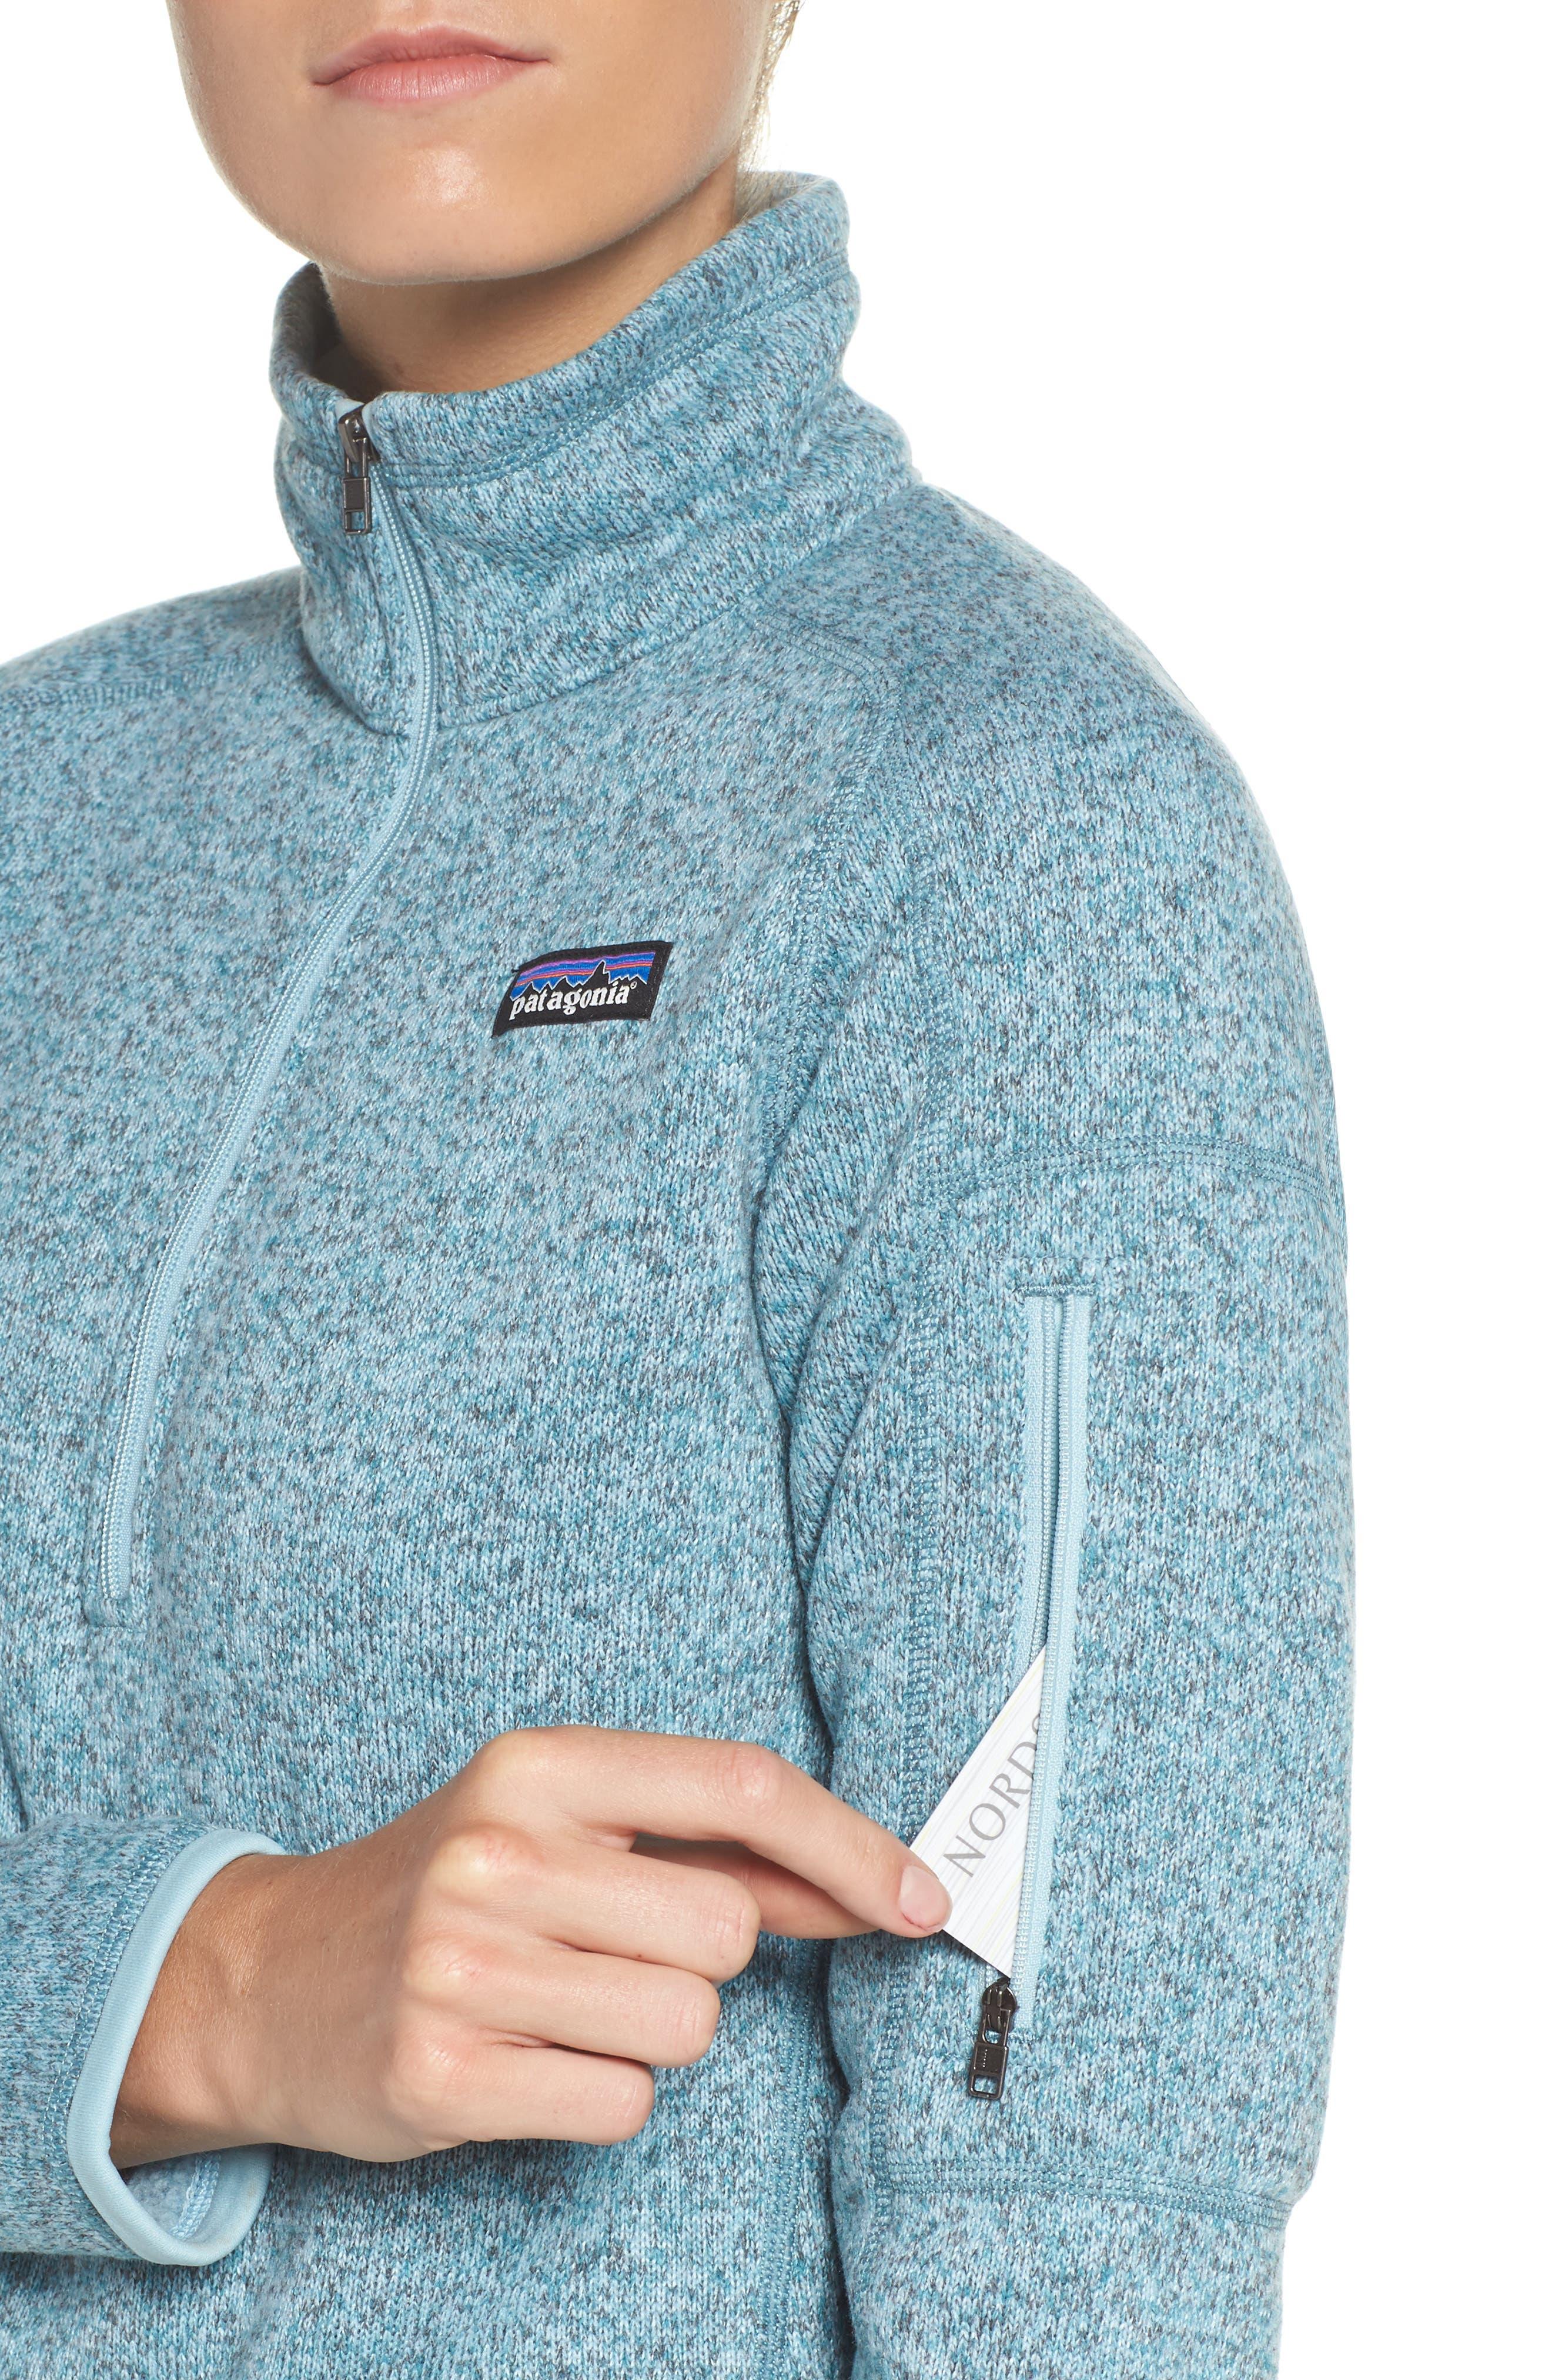 'Better Sweater' Zip Pullover,                             Alternate thumbnail 4, color,                             Tubular Blue W/ Crevasse Blue